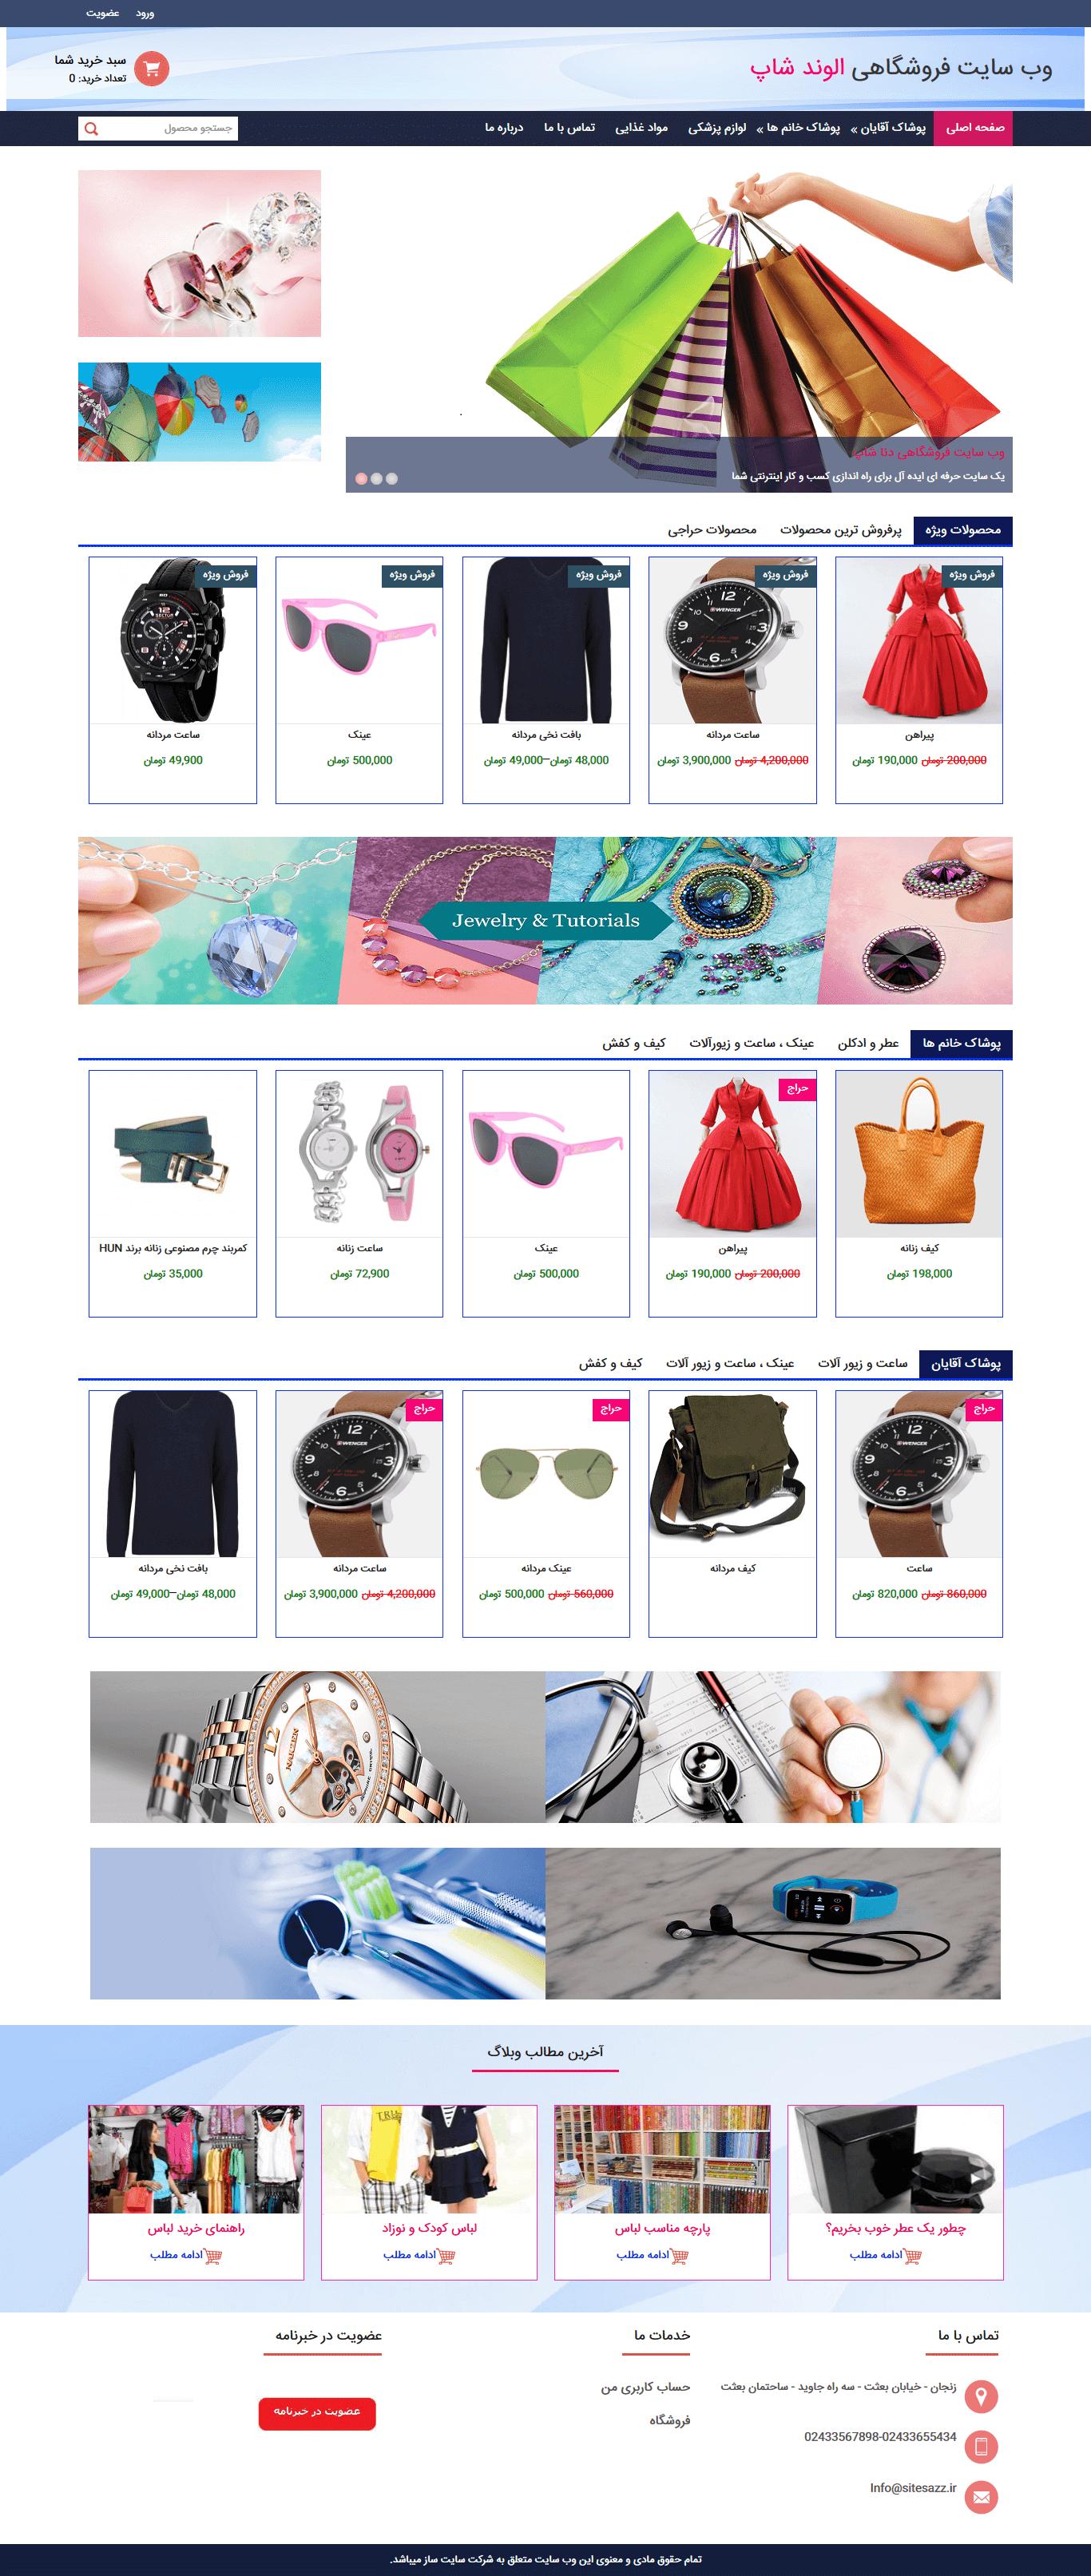 وب سایت فروشگاهی الوند شاپ